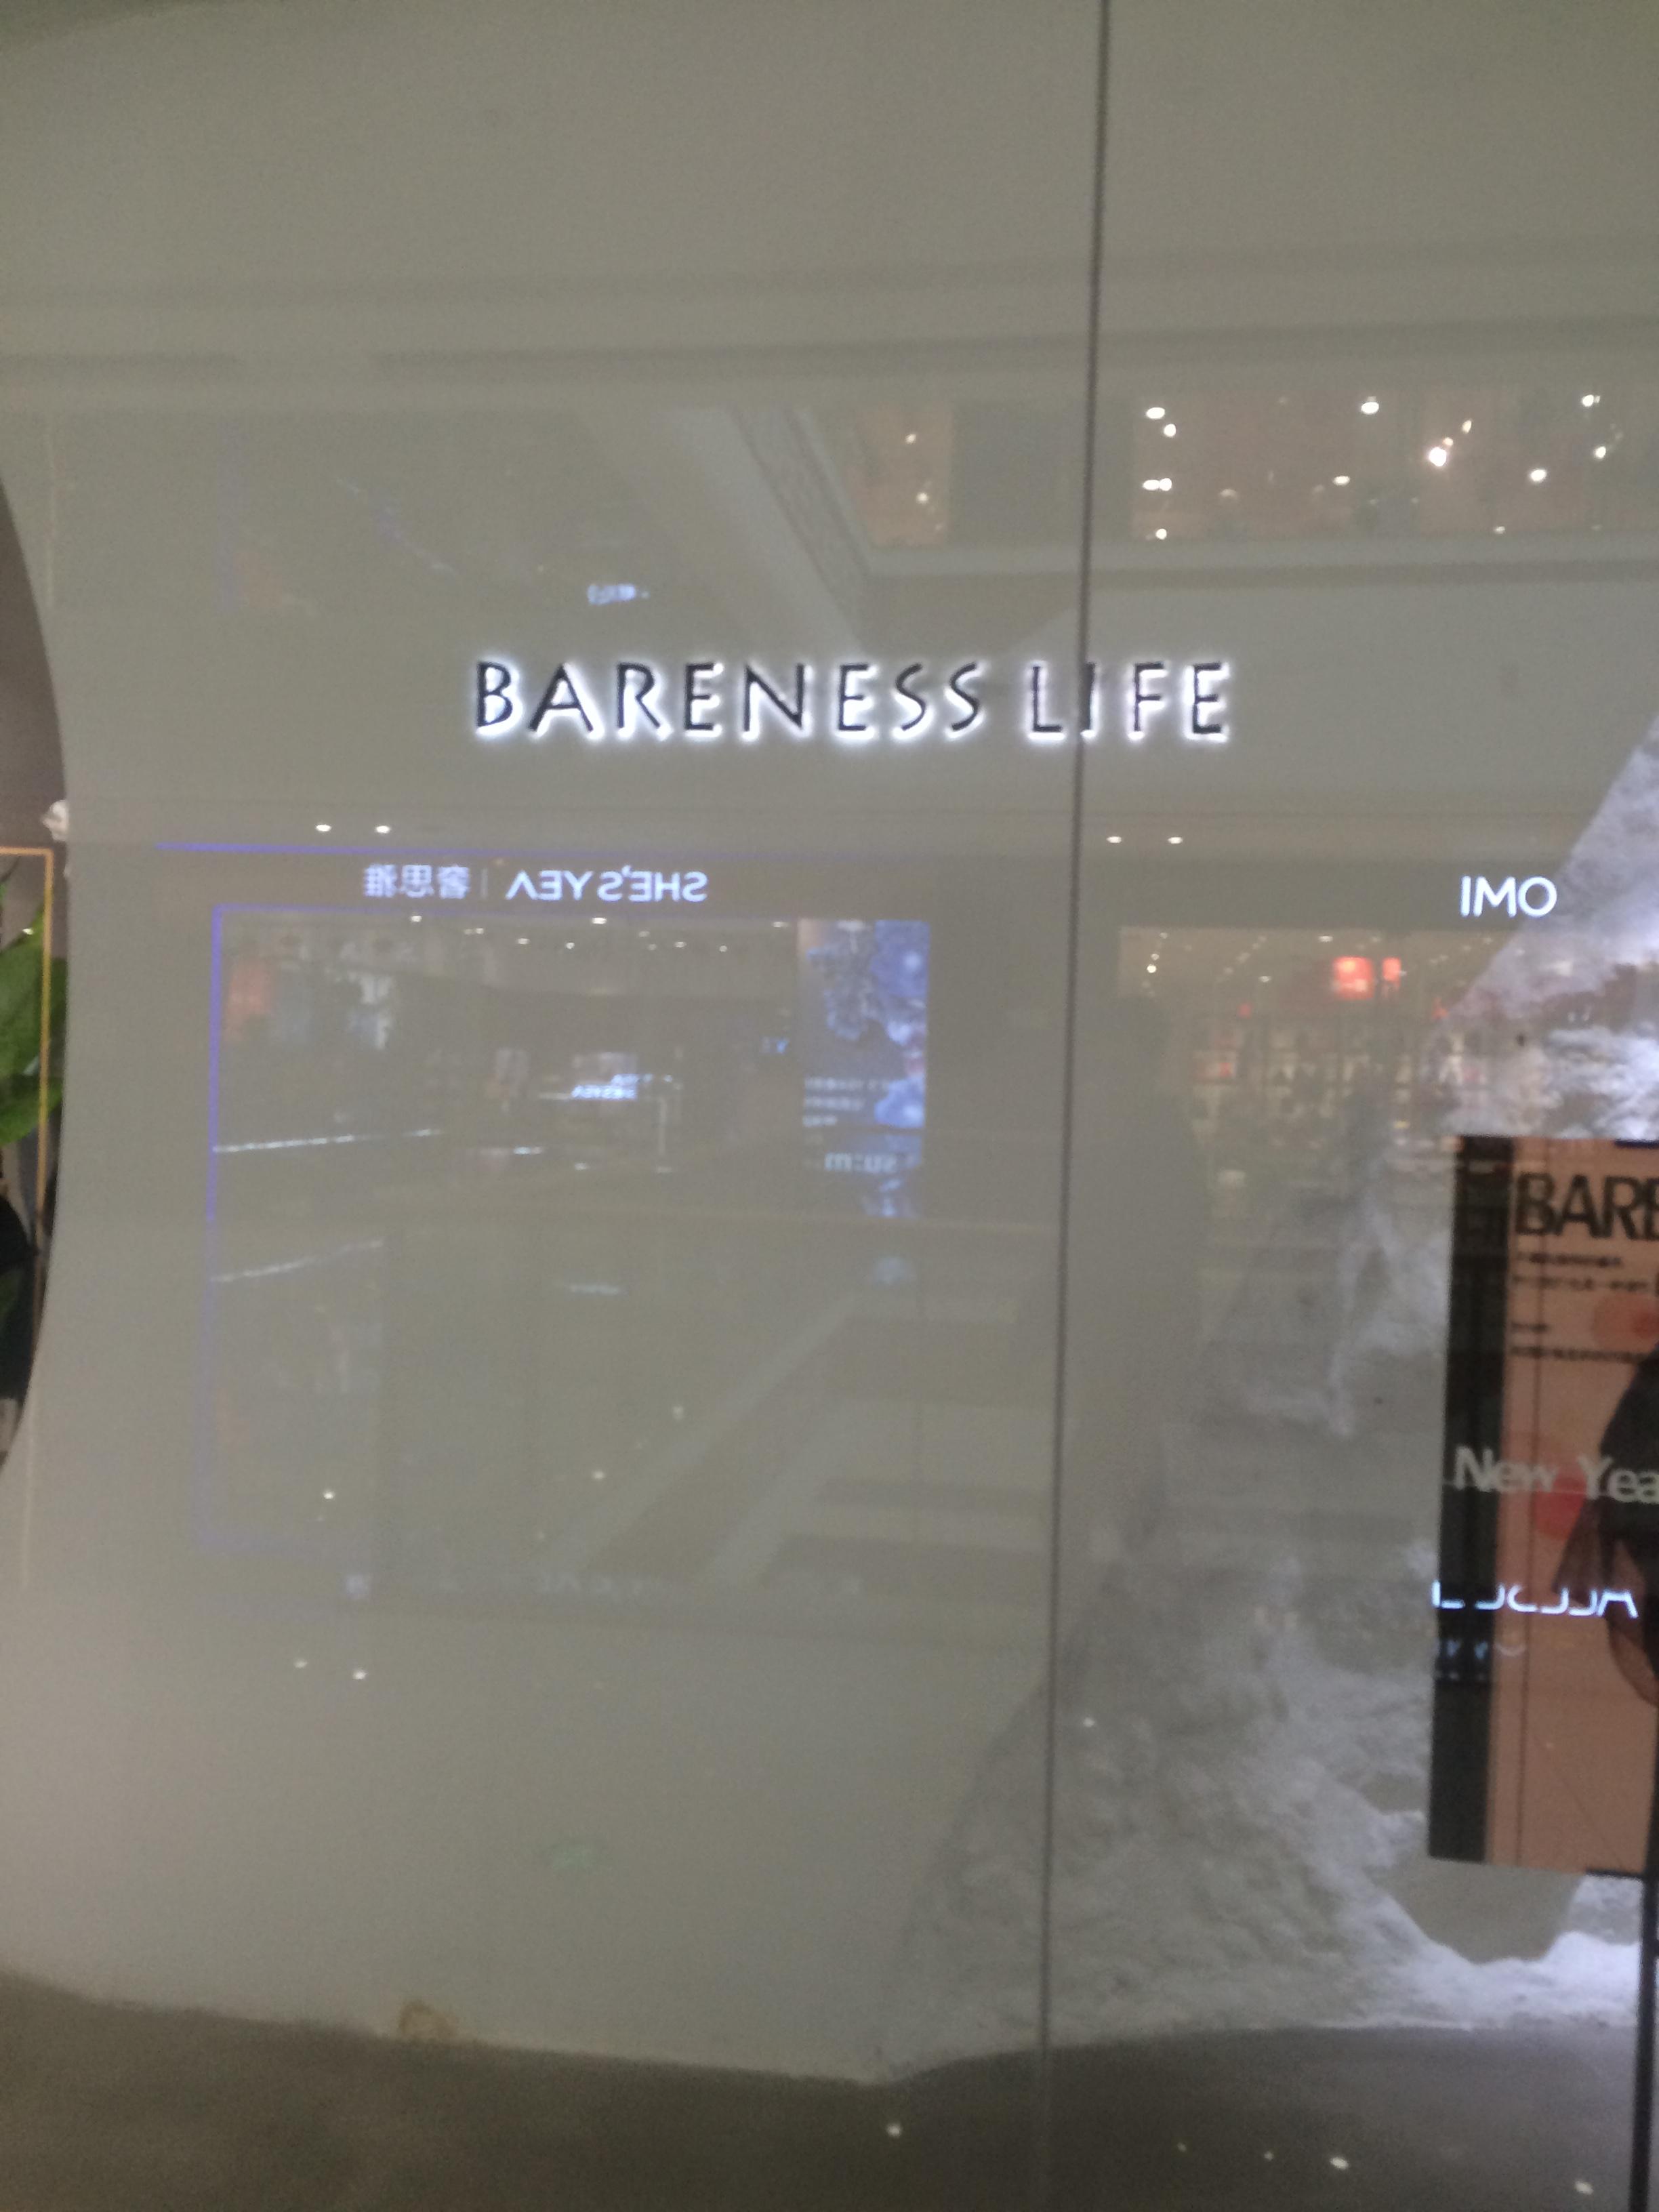 bareness life